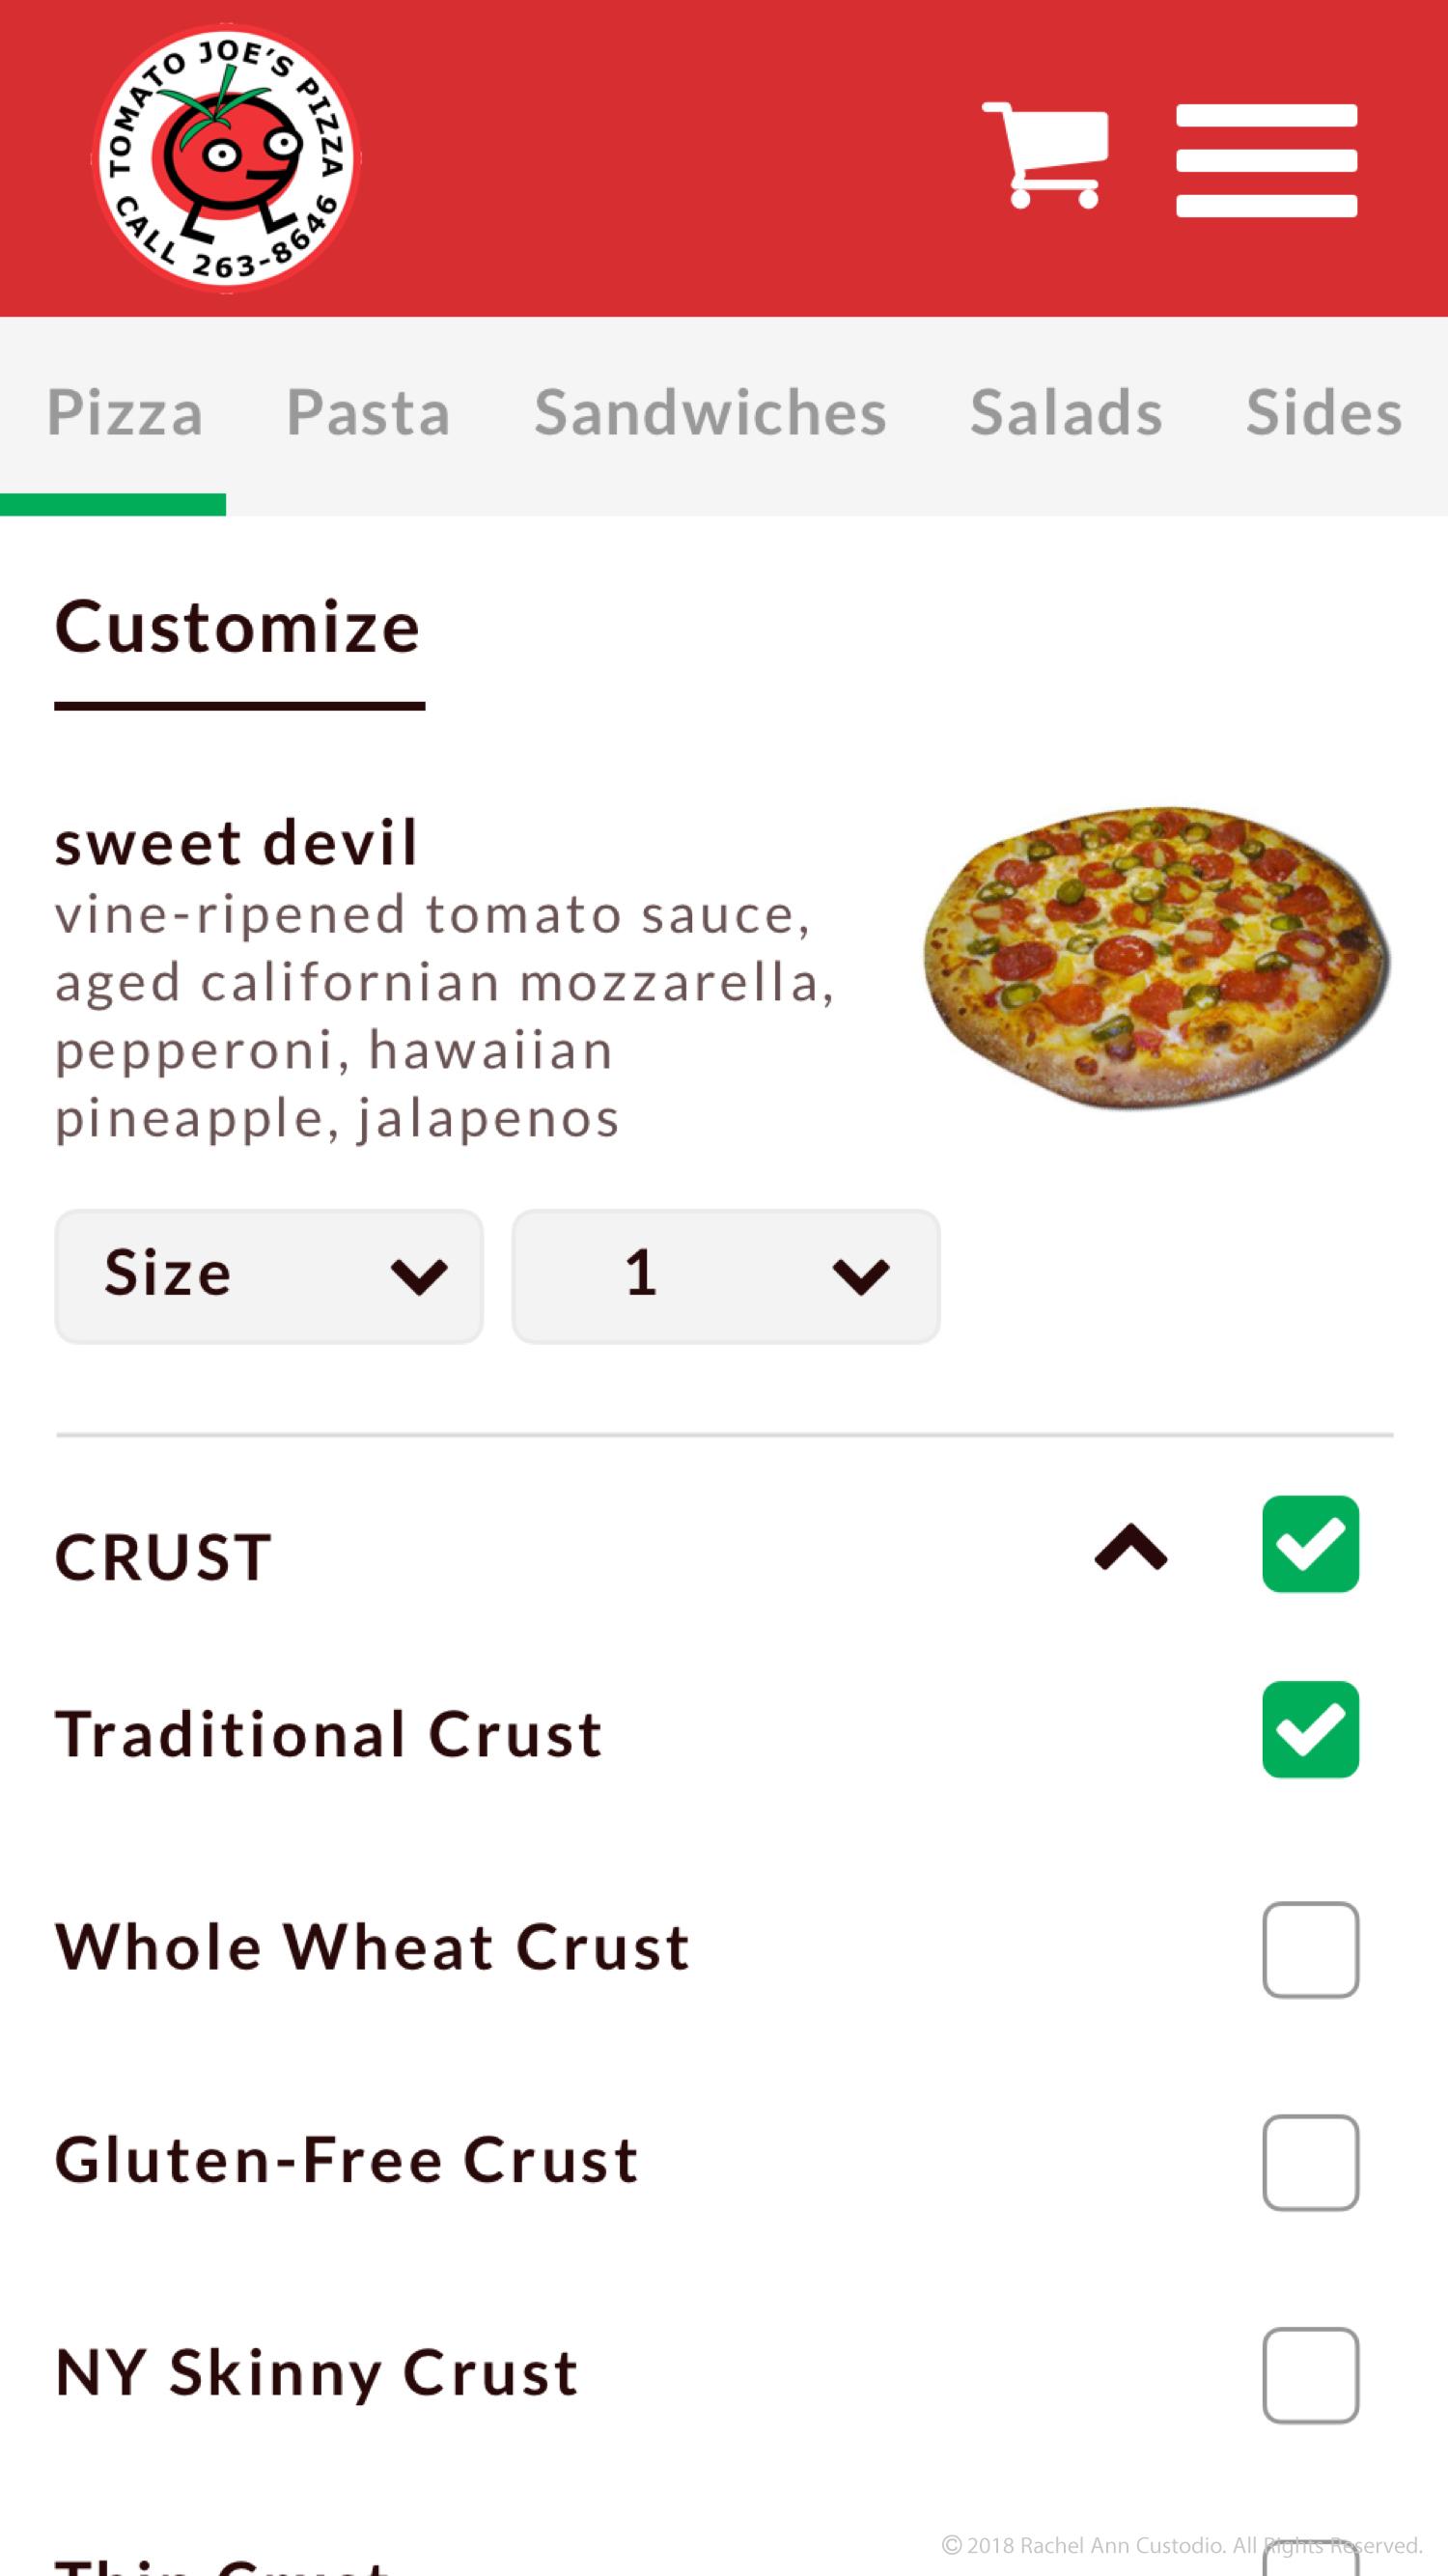 Custom Crust Menu Design